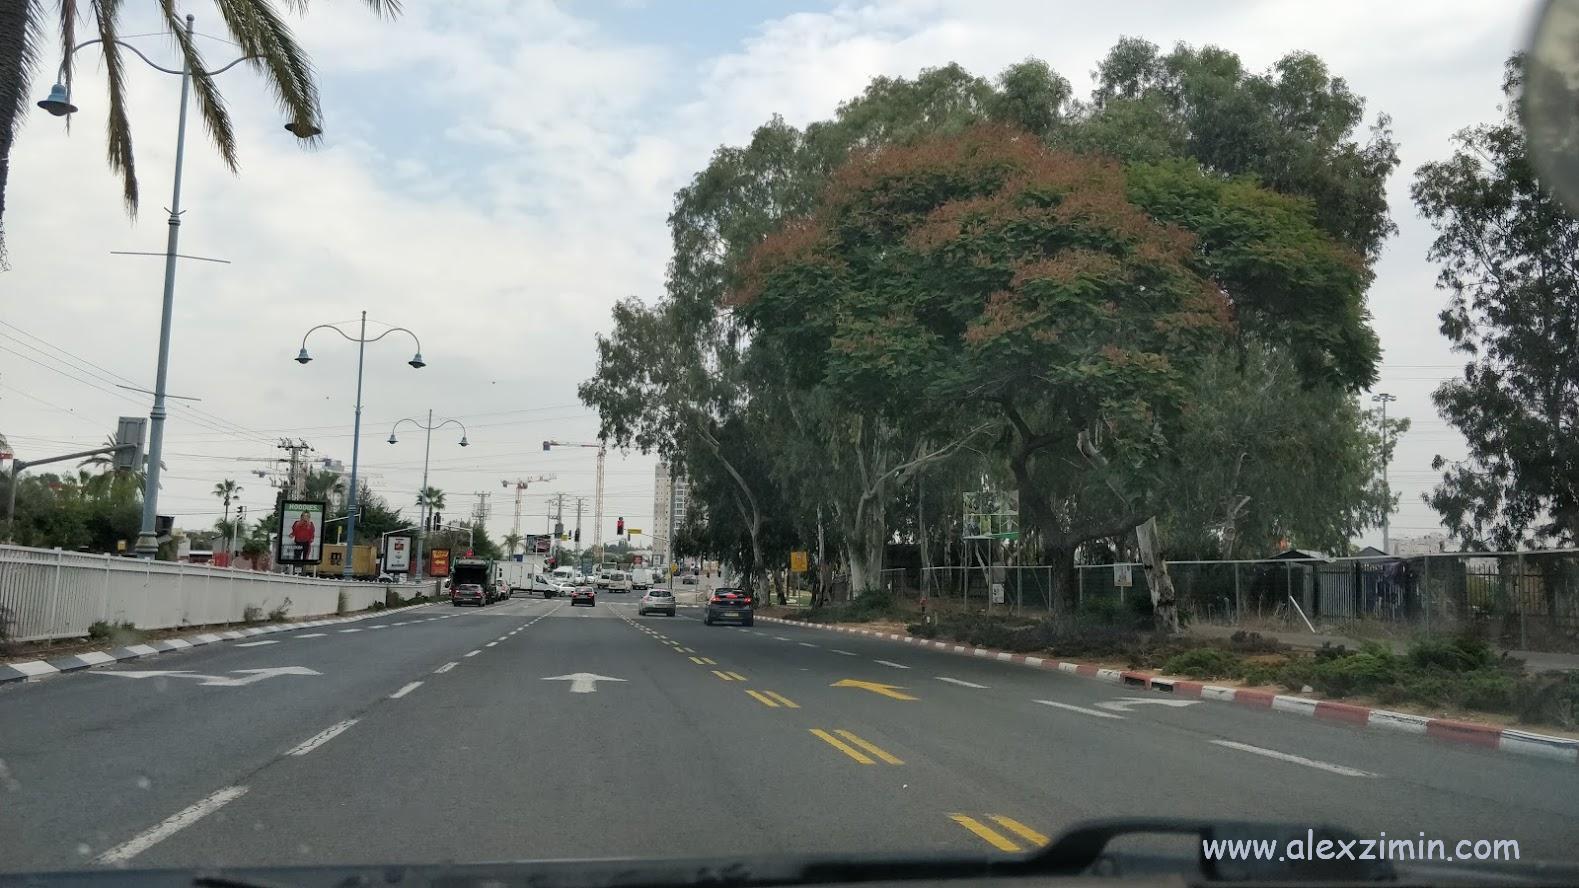 Выделенная желтая полоса для движения автобусов и такси